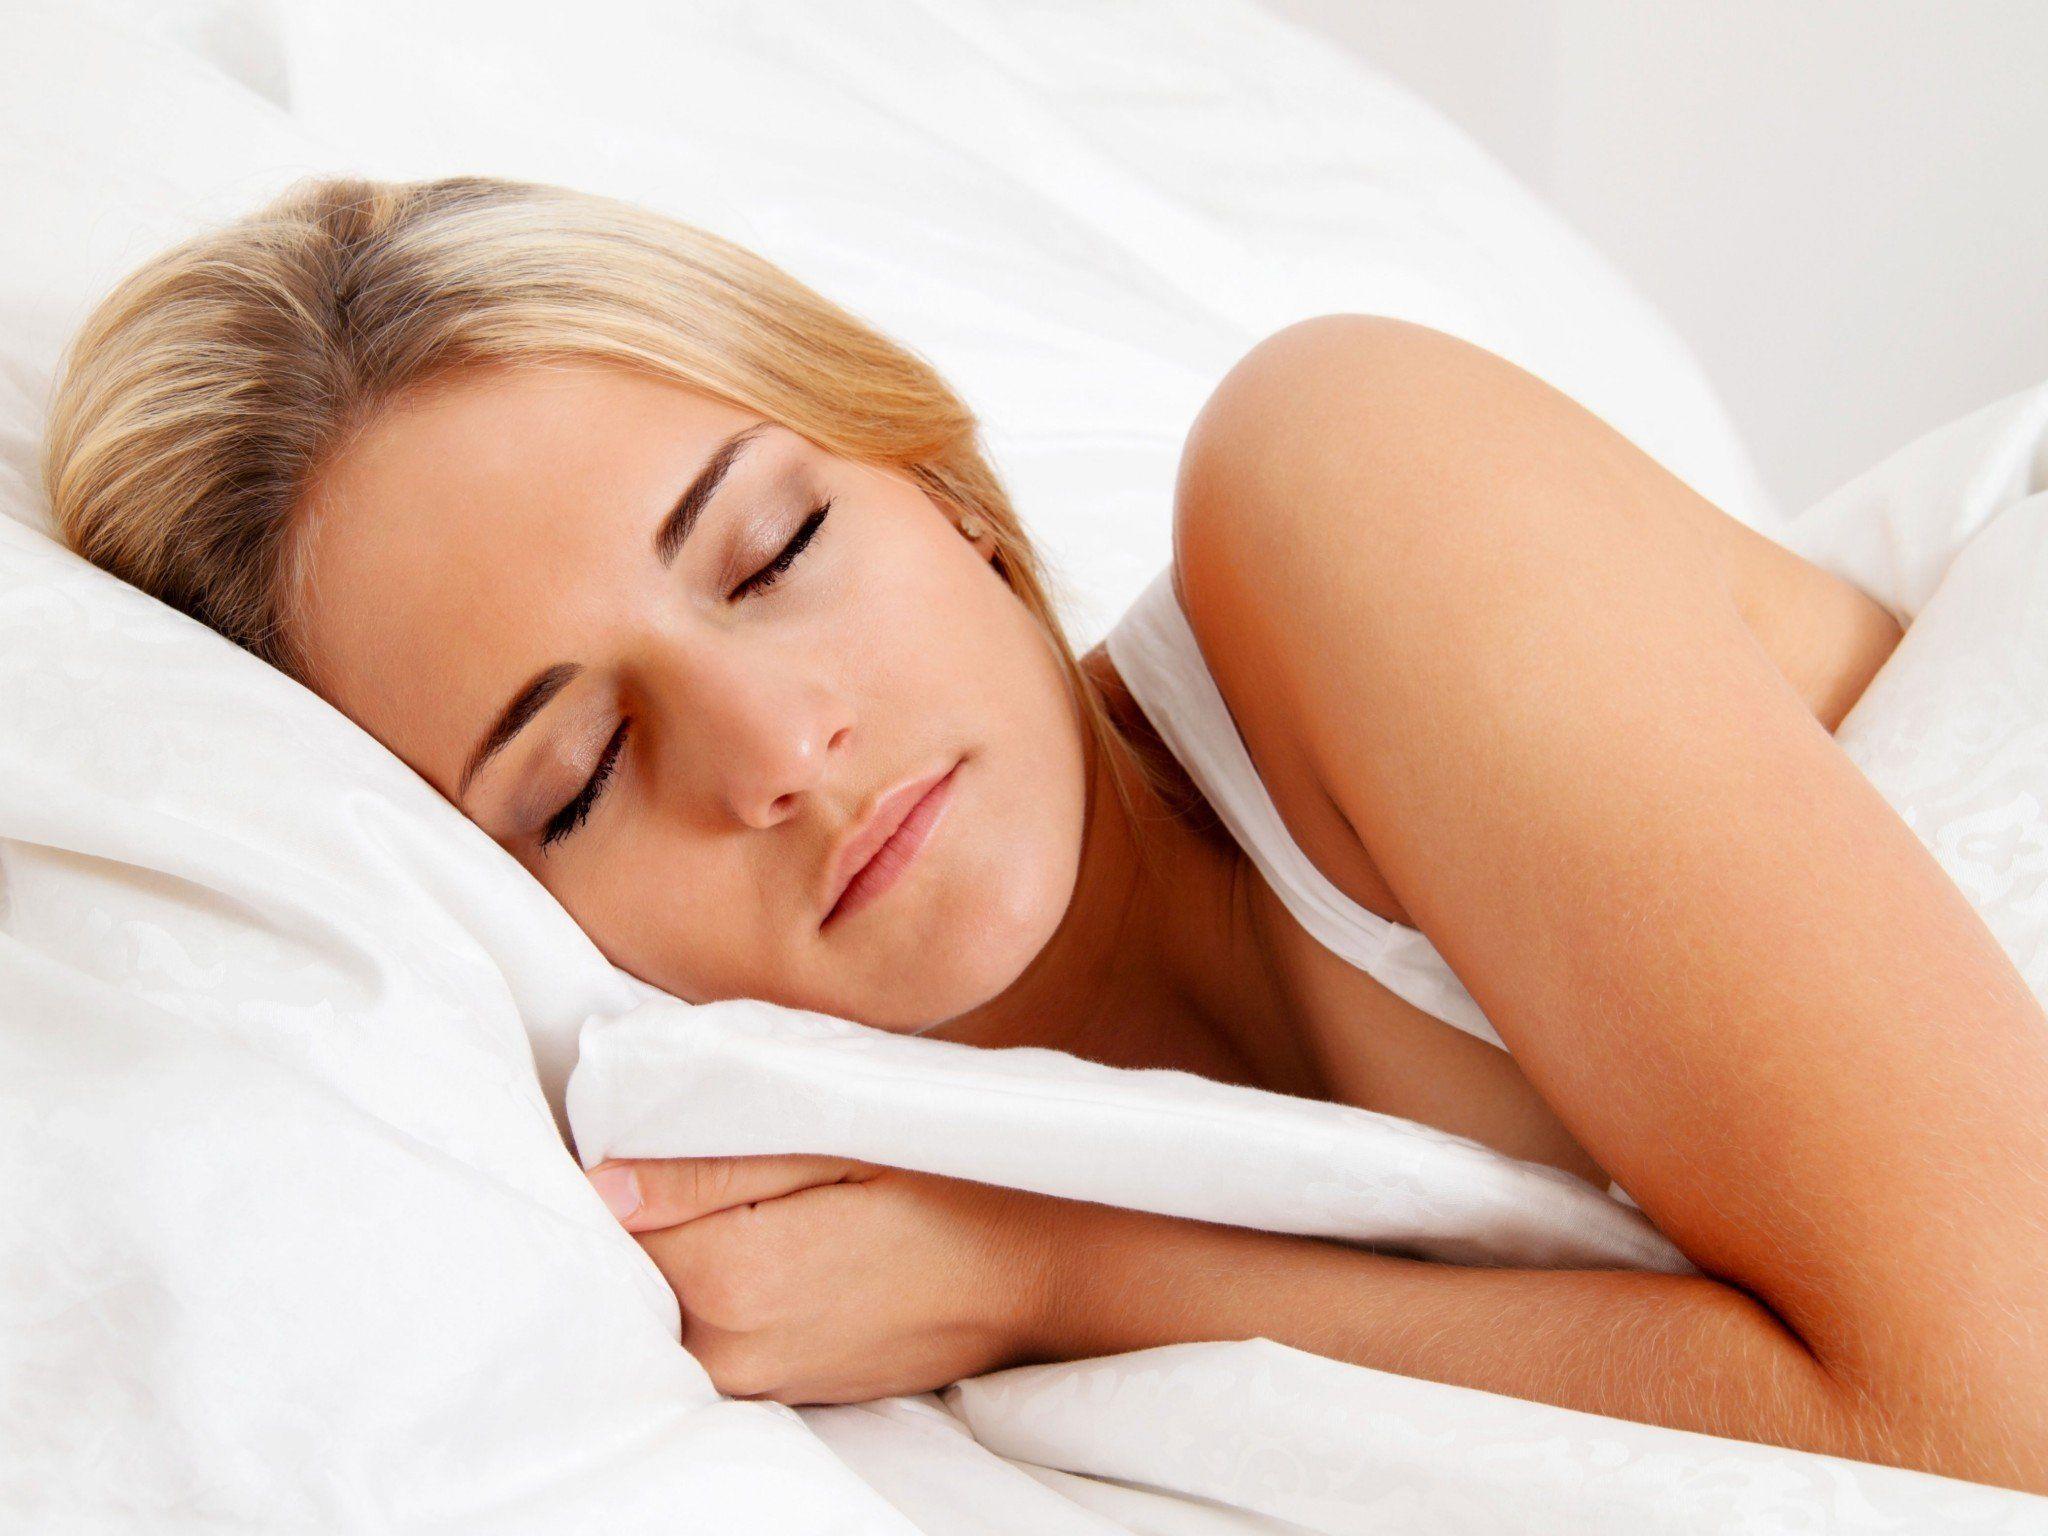 Die überlebenswichtige Ruhephase beschäftigt seit Jahrzehnten die Mediziner.